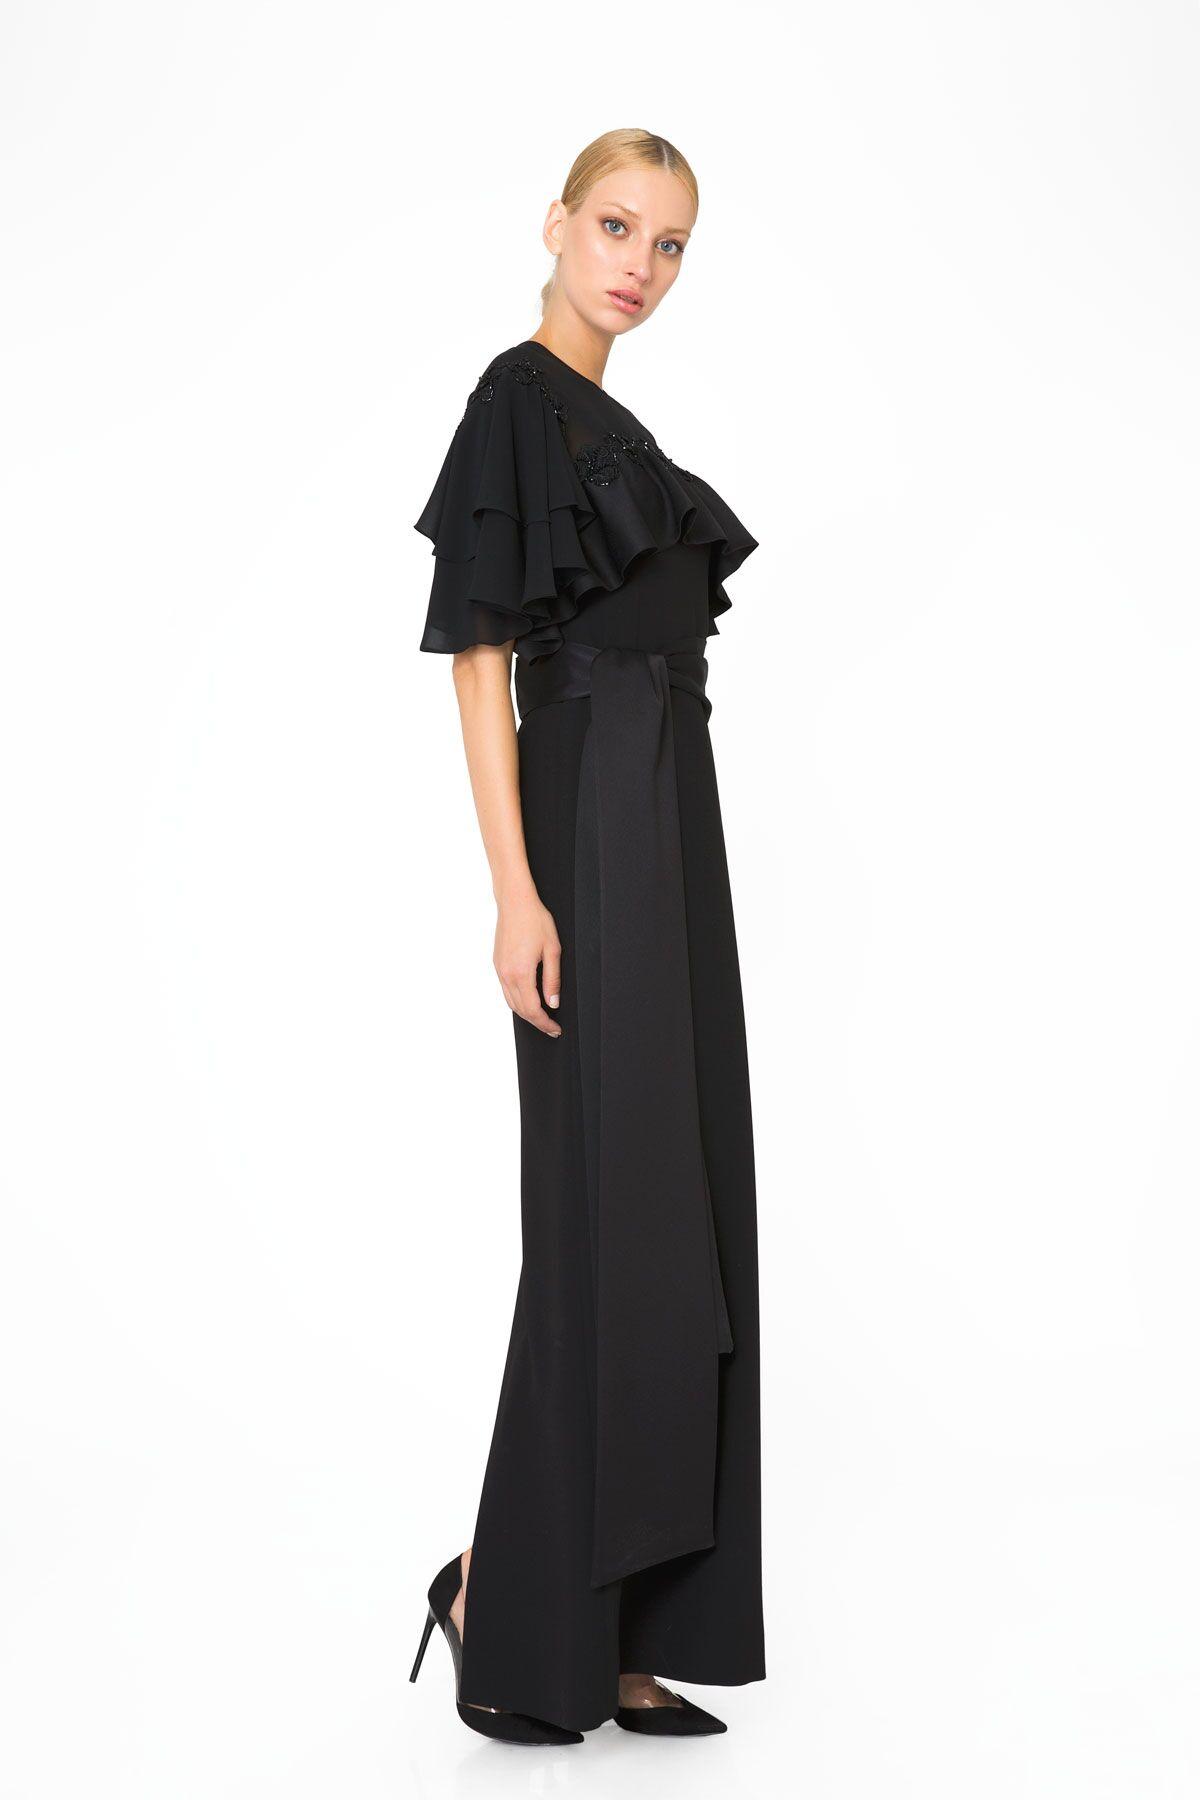 Şifon ve Dantel Detaylı Siyah Abiye Elbise